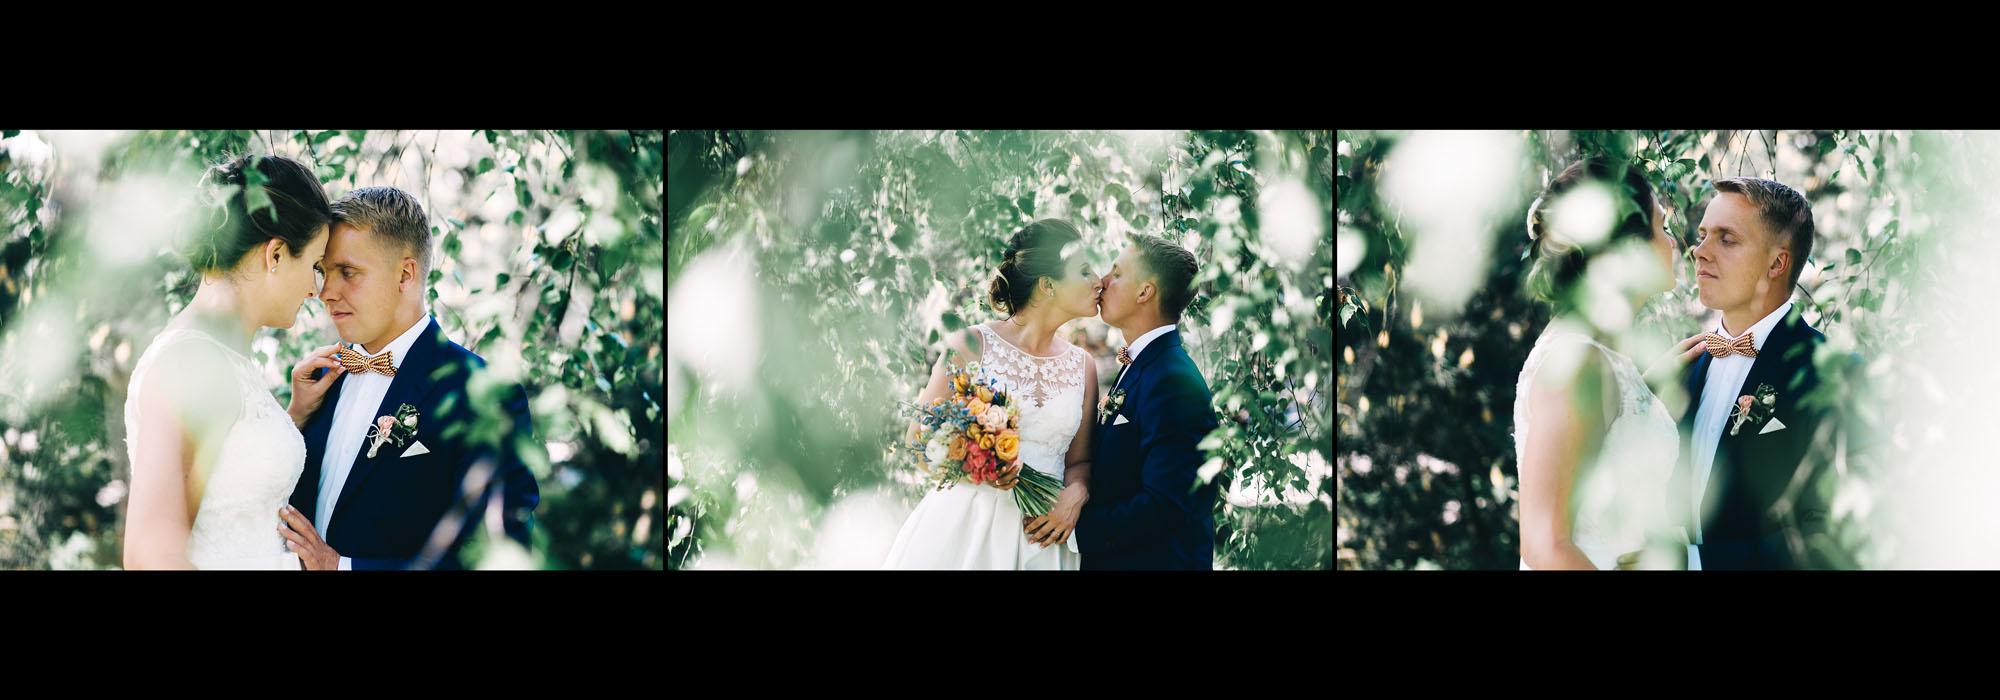 Vestuviu fotografas_60